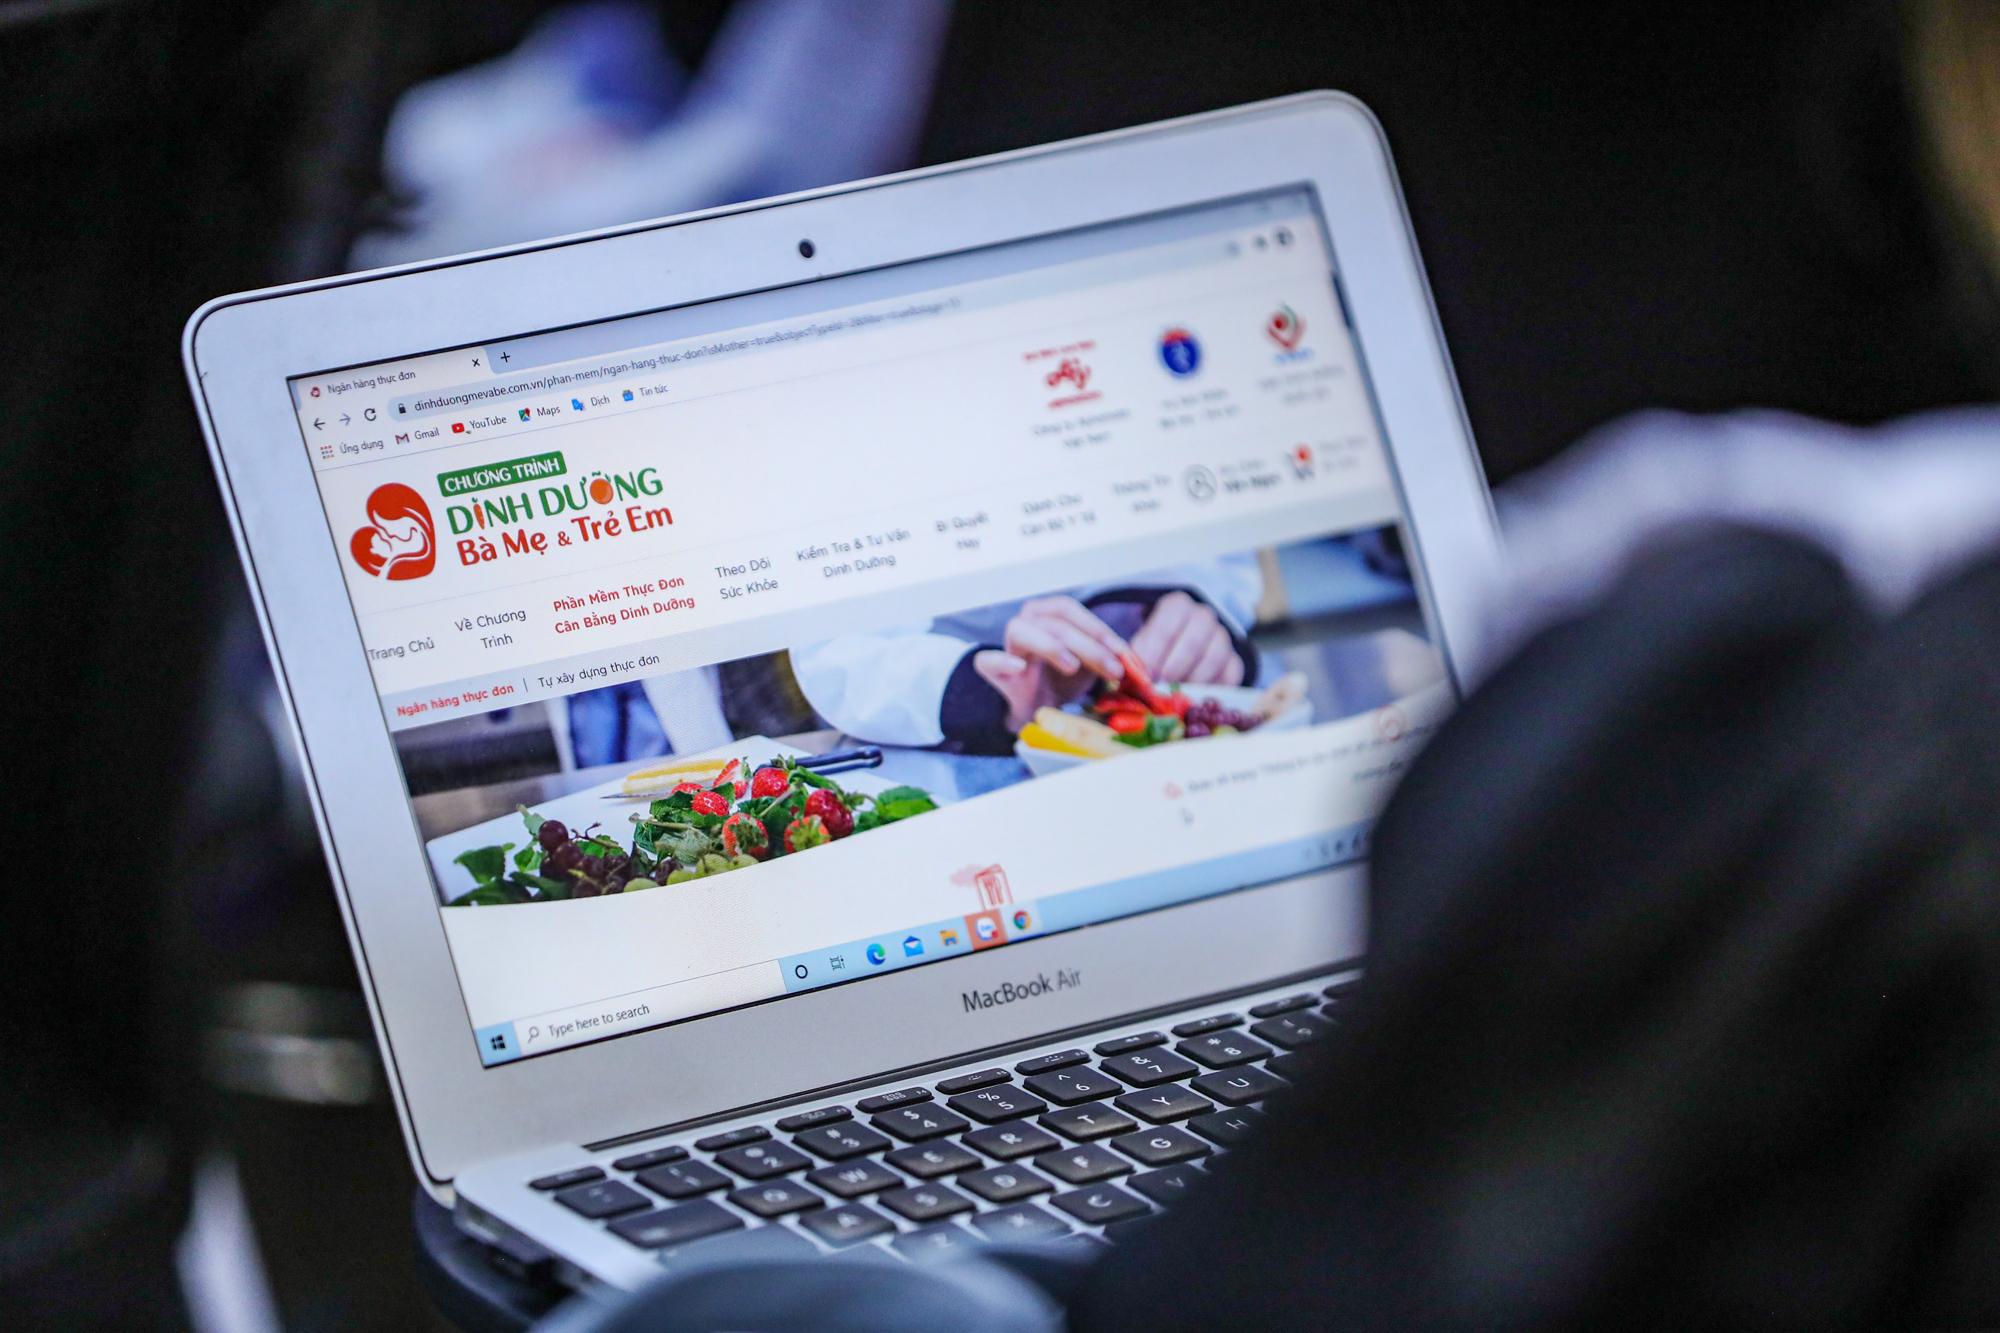 Phần mềm Xây dựng thực đơn cân bằng dinh dưỡng cho phụ nữ mang thai, bà mẹ cho con bú, trẻ từ 7 đến 60 tháng tuổi được Công ty Ajinomoto Việt Nam phối hợp với Vụ Sức khỏe Bà mẹ - Trẻ em xây dựng dưới sự tư vấn, hướng dẫn, đánh giá, thẩm định chuyên môn về dinh dưỡng của Viện Dinh dưỡng quốc gia, từ tháng 5/2018. Sau gần 3 năm nghiên cứu và phát triển, phần mềm đã được phê duyệt ngay 30/11/2020. Hiện tại ngân hàng thực đơn của phần mềm bao gồm hơn 1.300 món ăn và sẽ tiếp tục được phát triển phong phú lên đến hơn 2.500 món vào những năm tiếp theo. Các thực đơn đảm bảo không lặp lại, đáp ứng đủ về năng lượng, cân đối các chất dinh dưỡng, đa dạng thực phẩm, đáp ứng đủ nhu cầu canxi, rau và trái cây, phù hợp đặc tính sinh lý, khẩu vị vùng miền, ngon miệng và dễ dàng áp dụng.